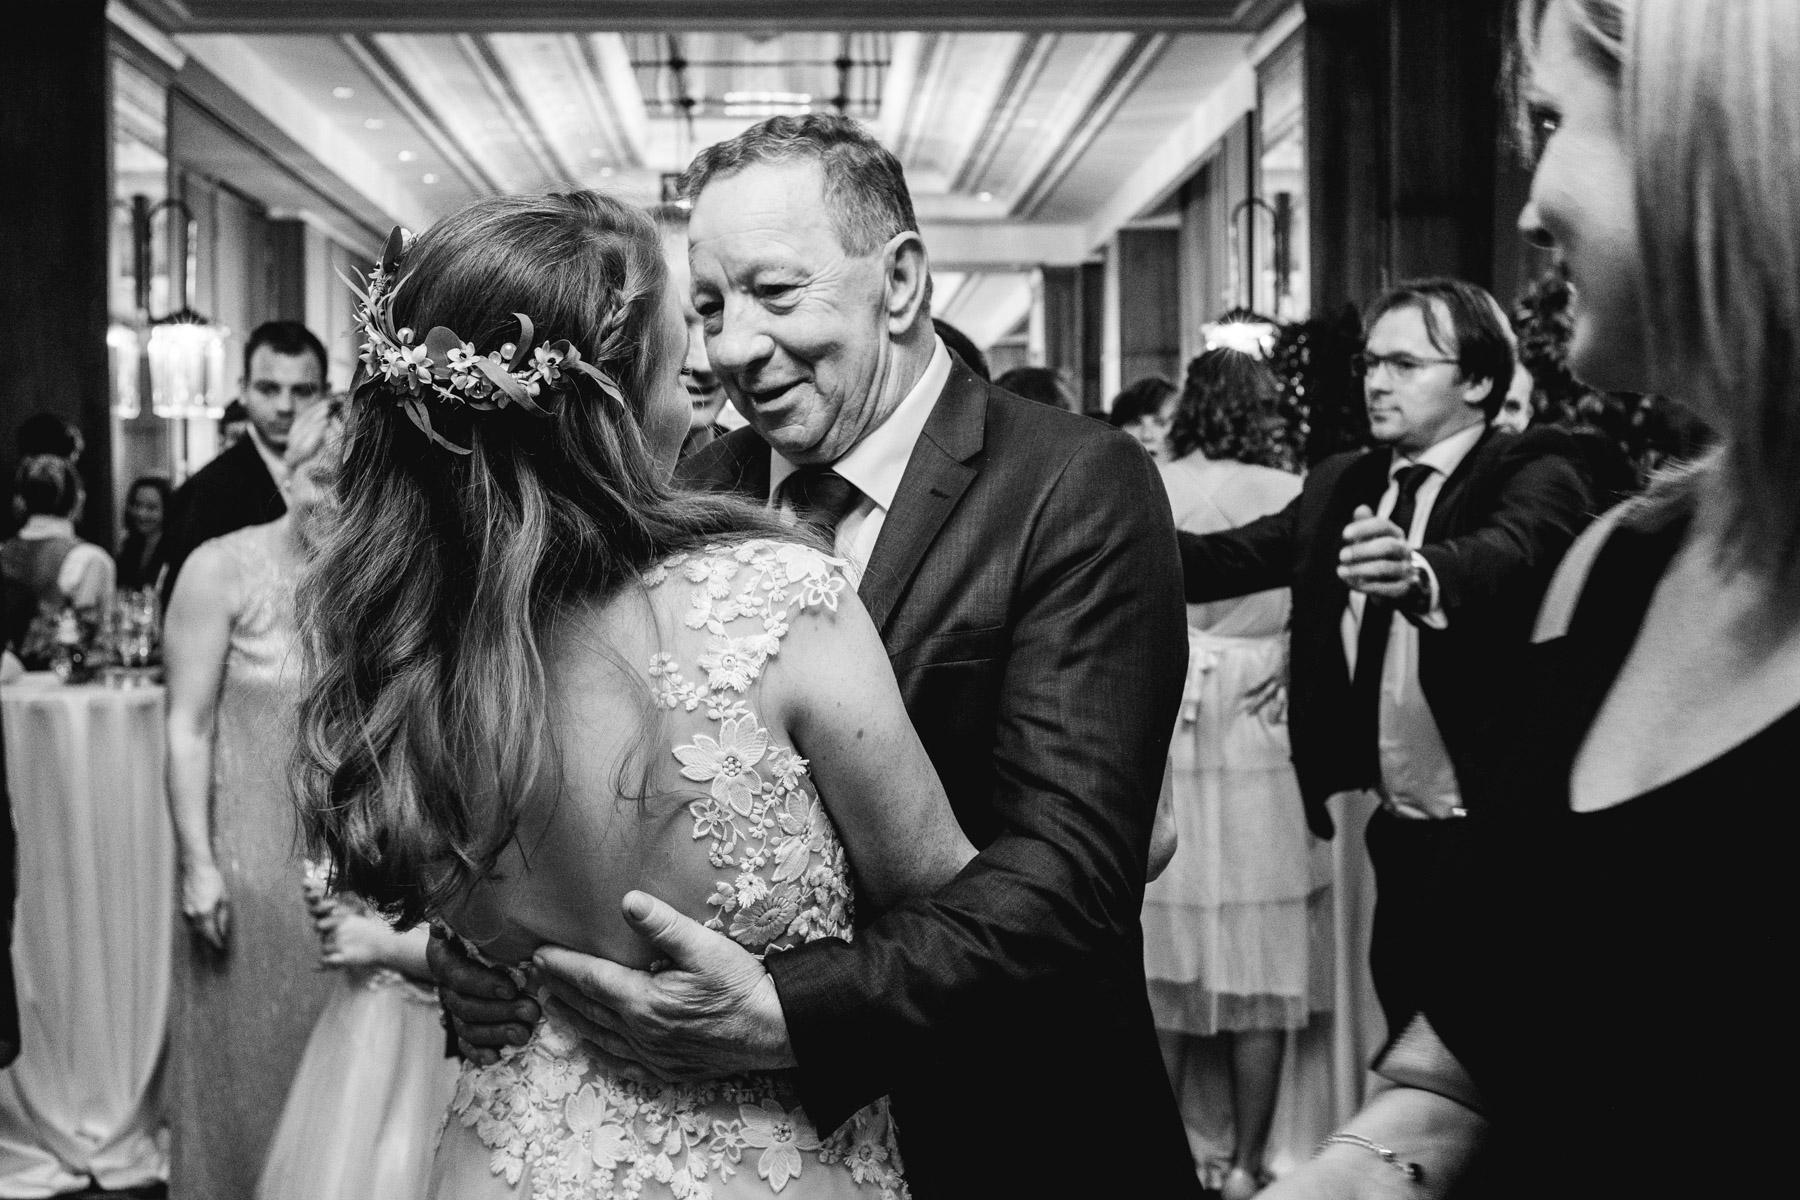 MartinLiebl_Kein_Hochzeitsfotograf_No_Wedding_Photographer_Budapest_Gresham_Palace_051.jpg